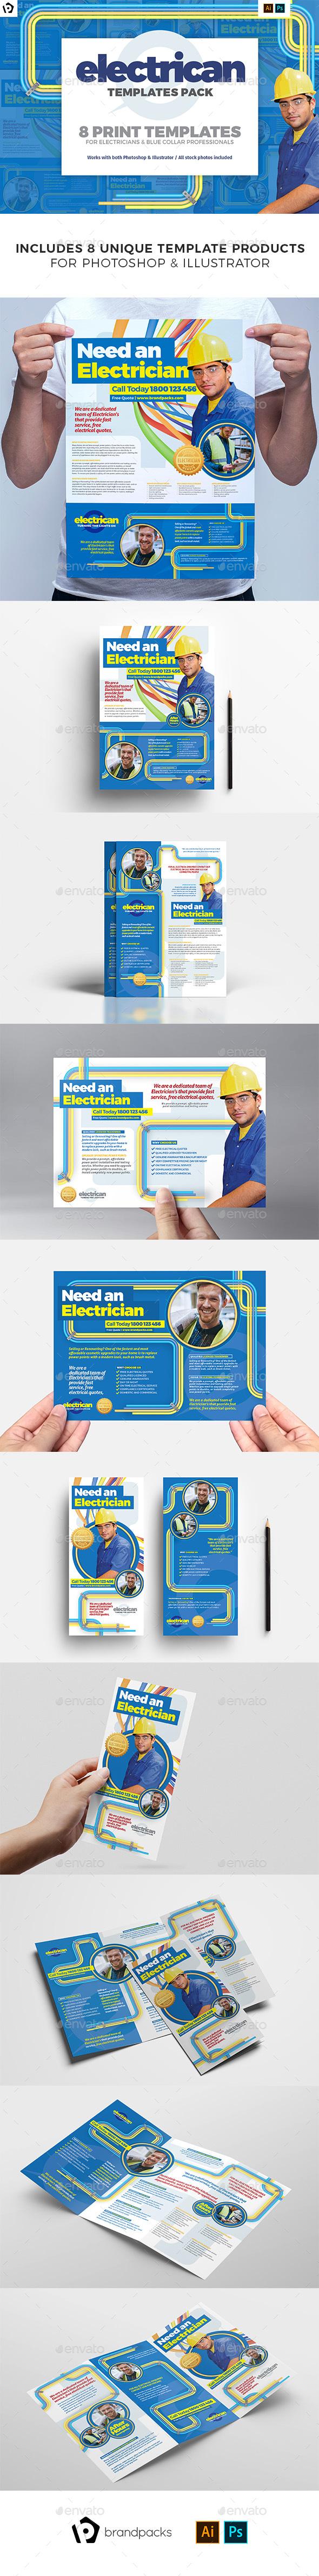 Electrician Print Templates Bundle - Commerce Flyers